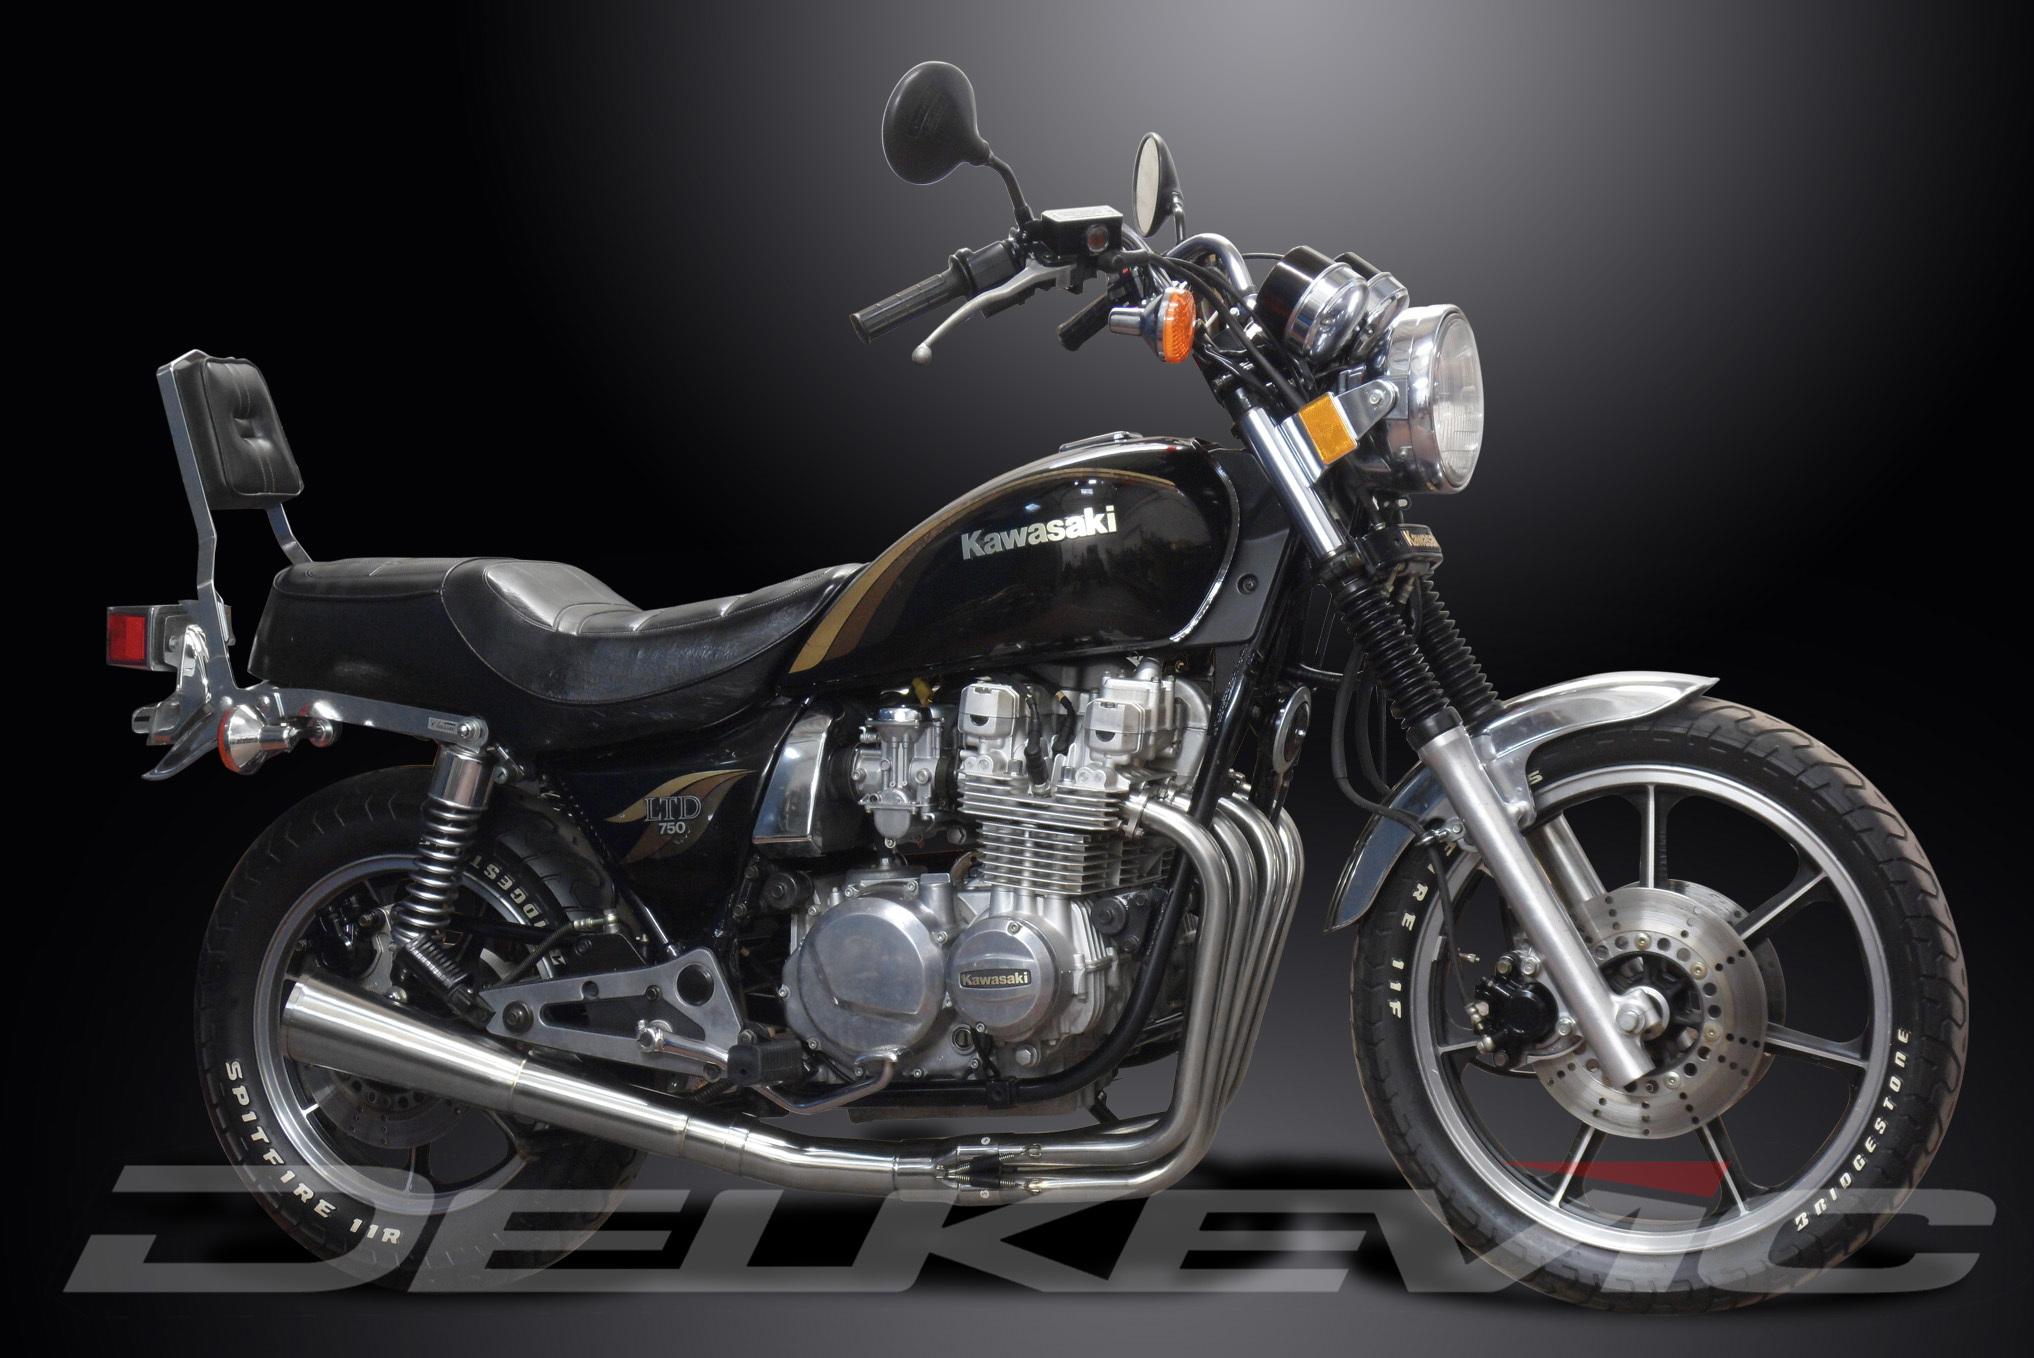 KZ750F 750LTD